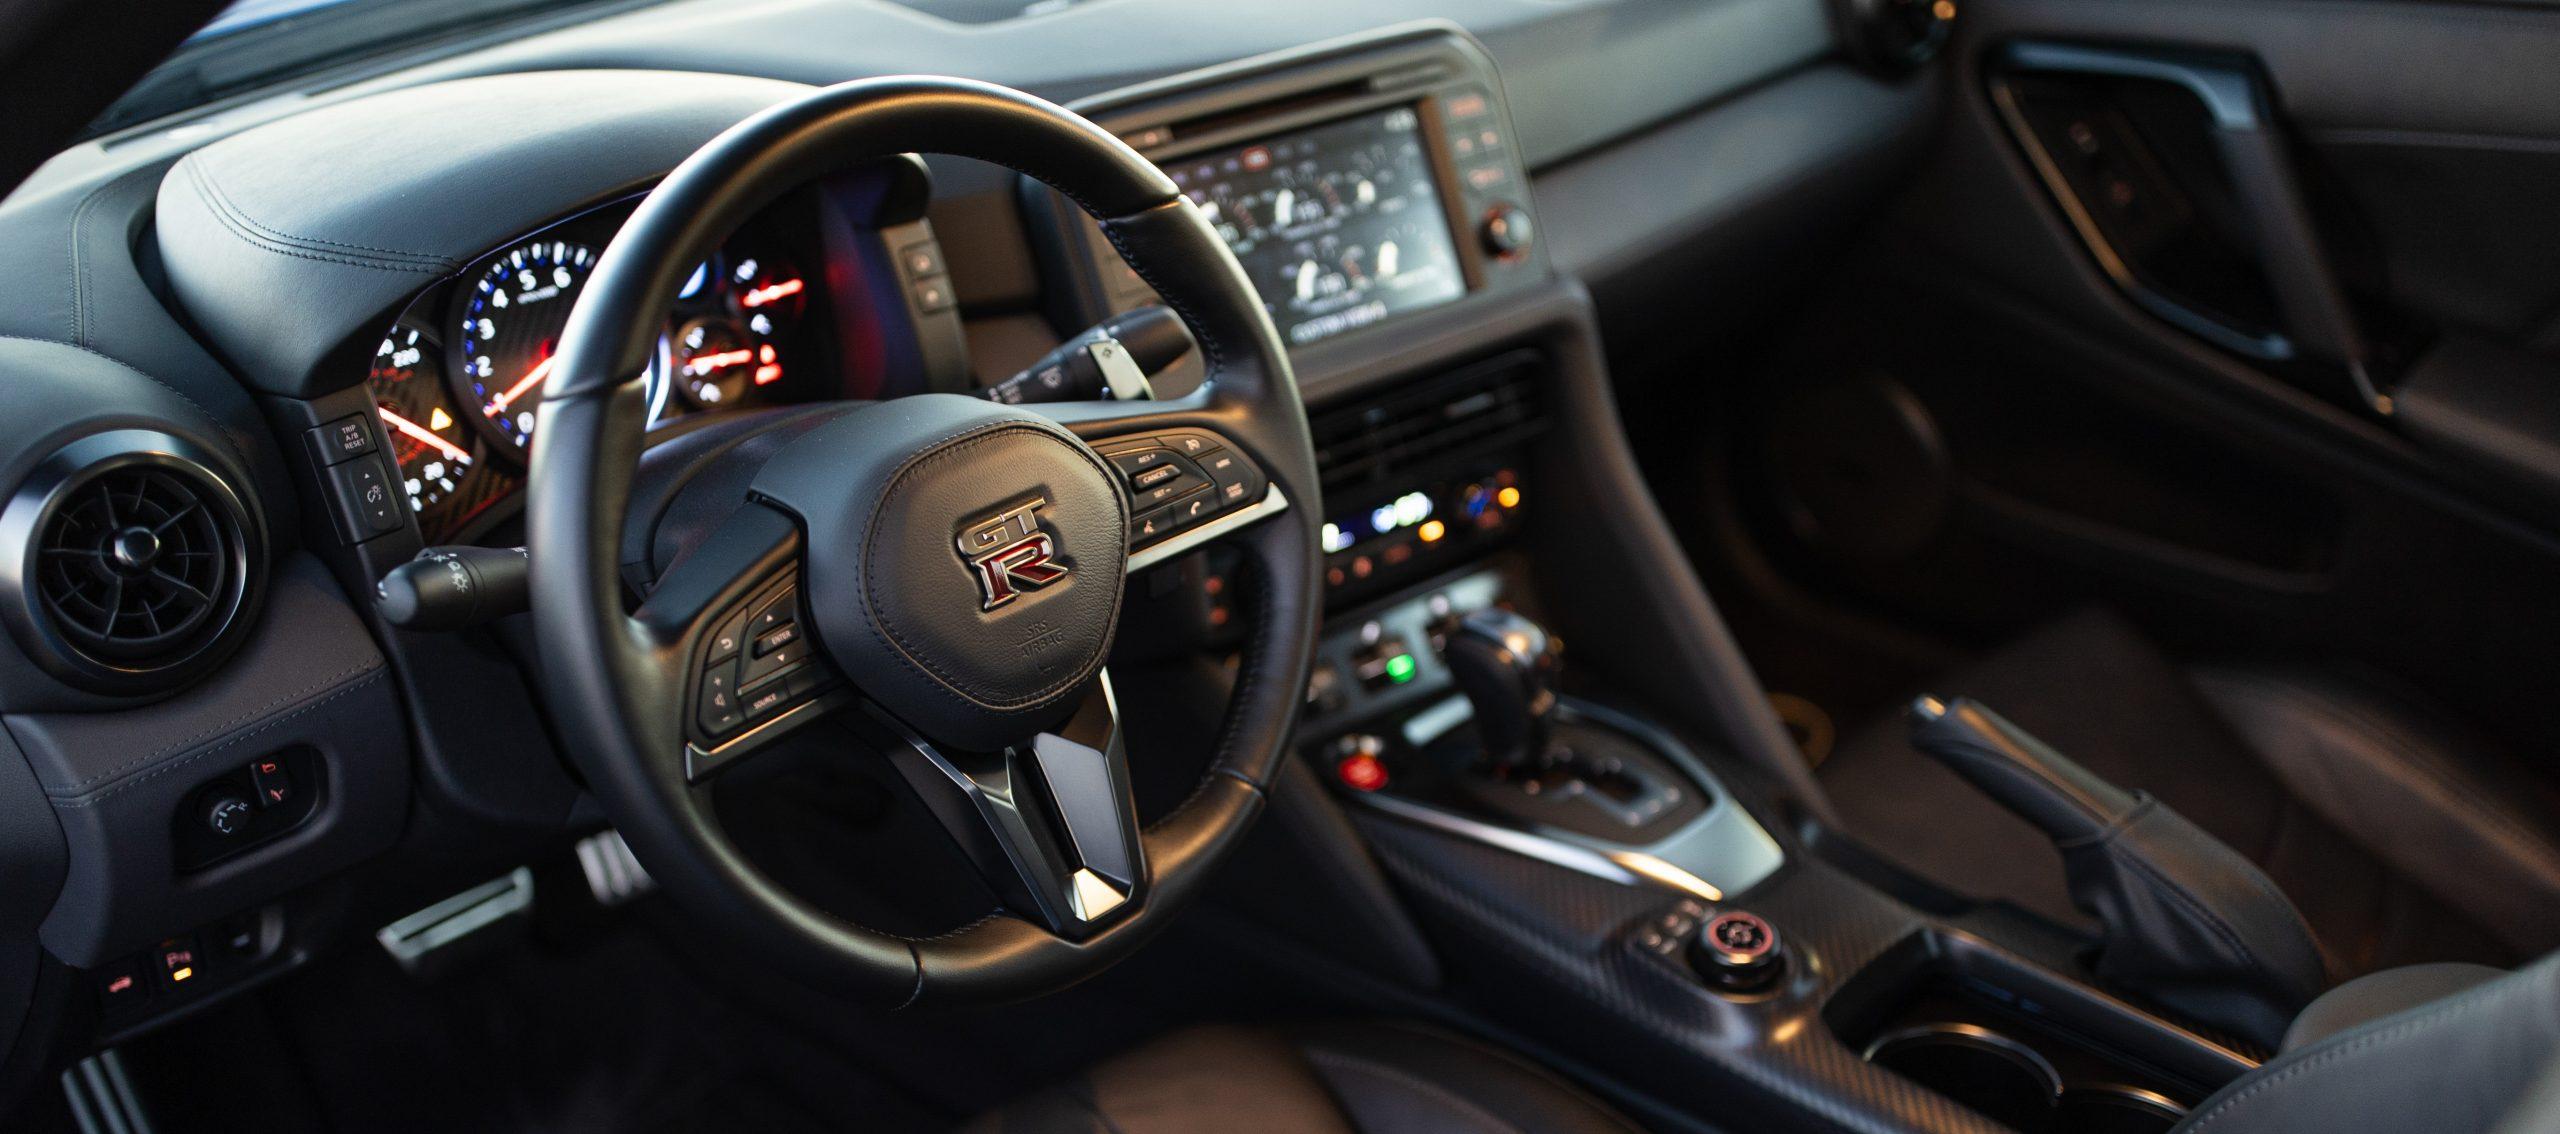 Nissan GT-R Harlingen McAllen